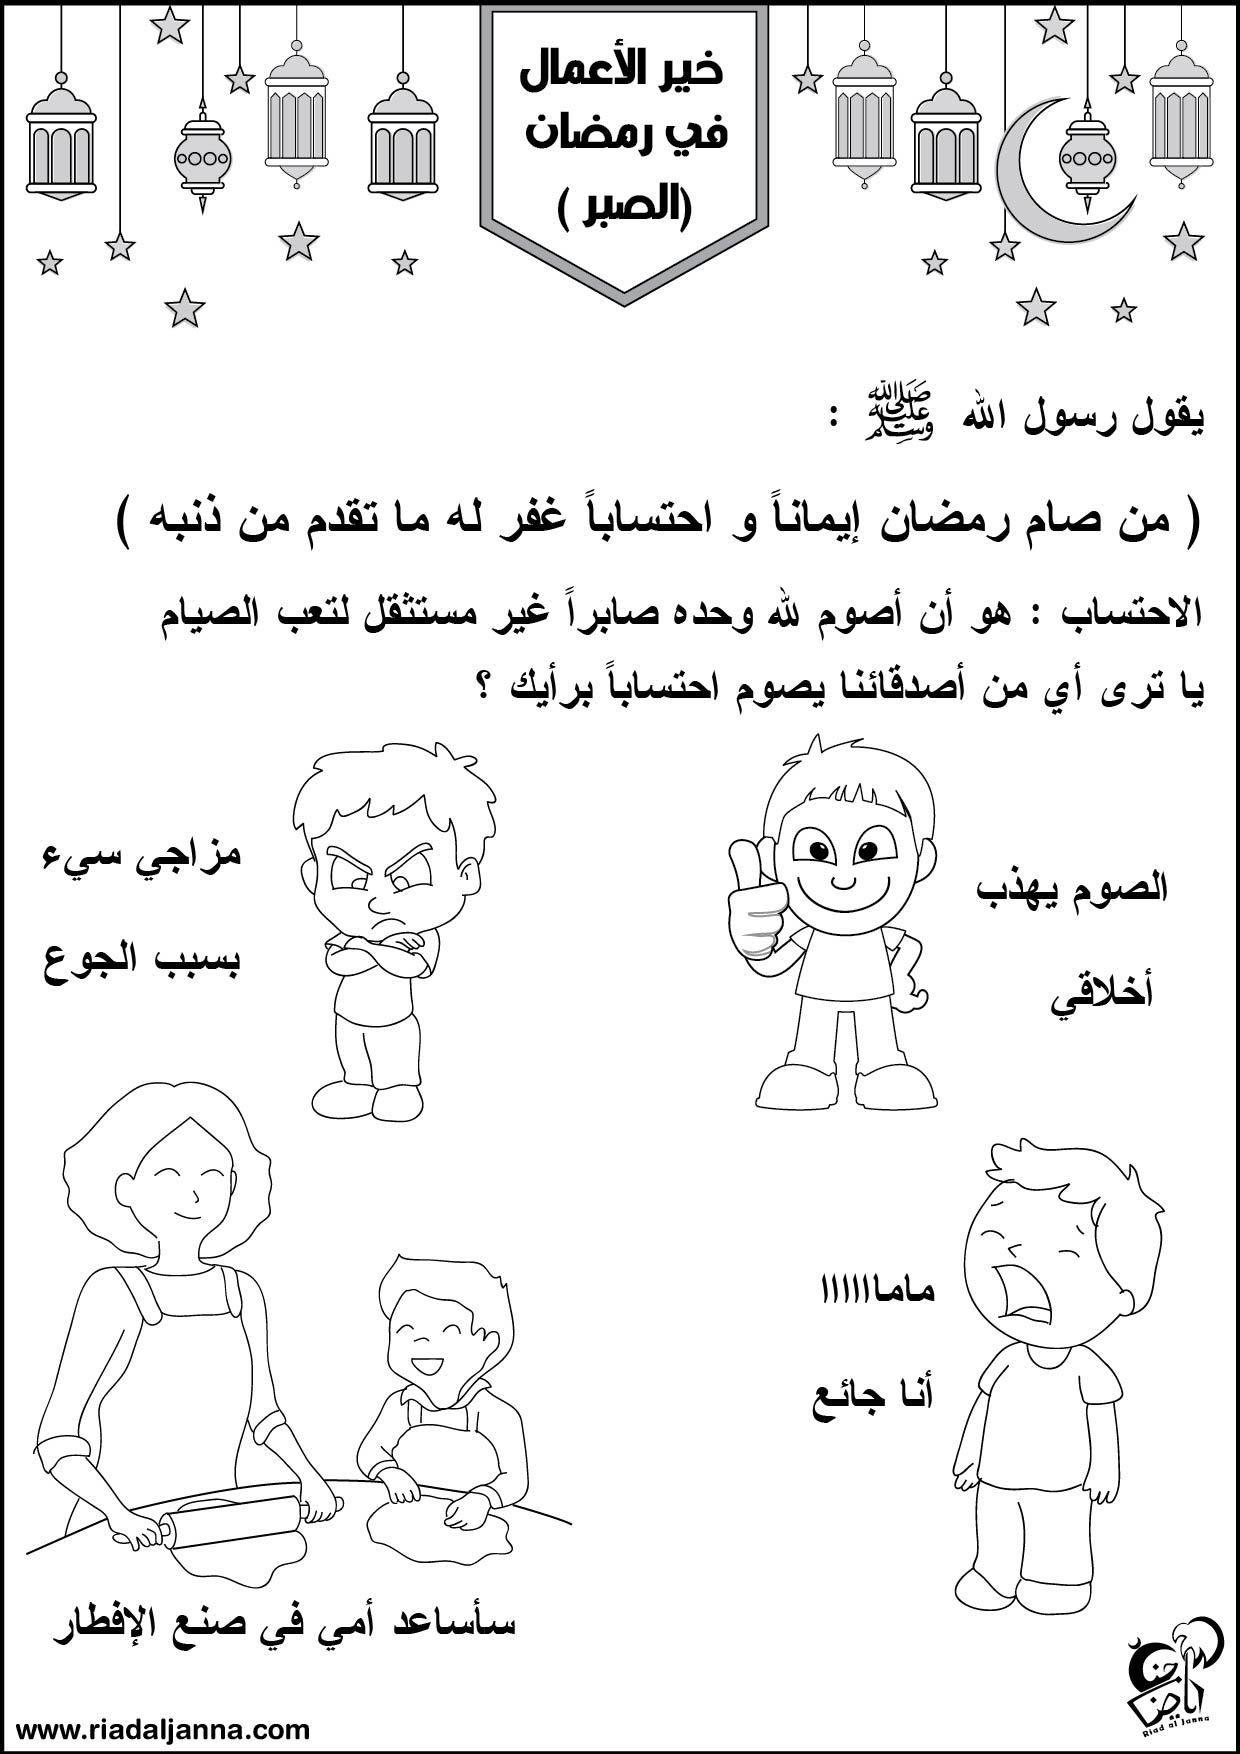 15 ورقة عمل ممتعة عن خير الأعمال في رمضان للأطفال حديث شريف